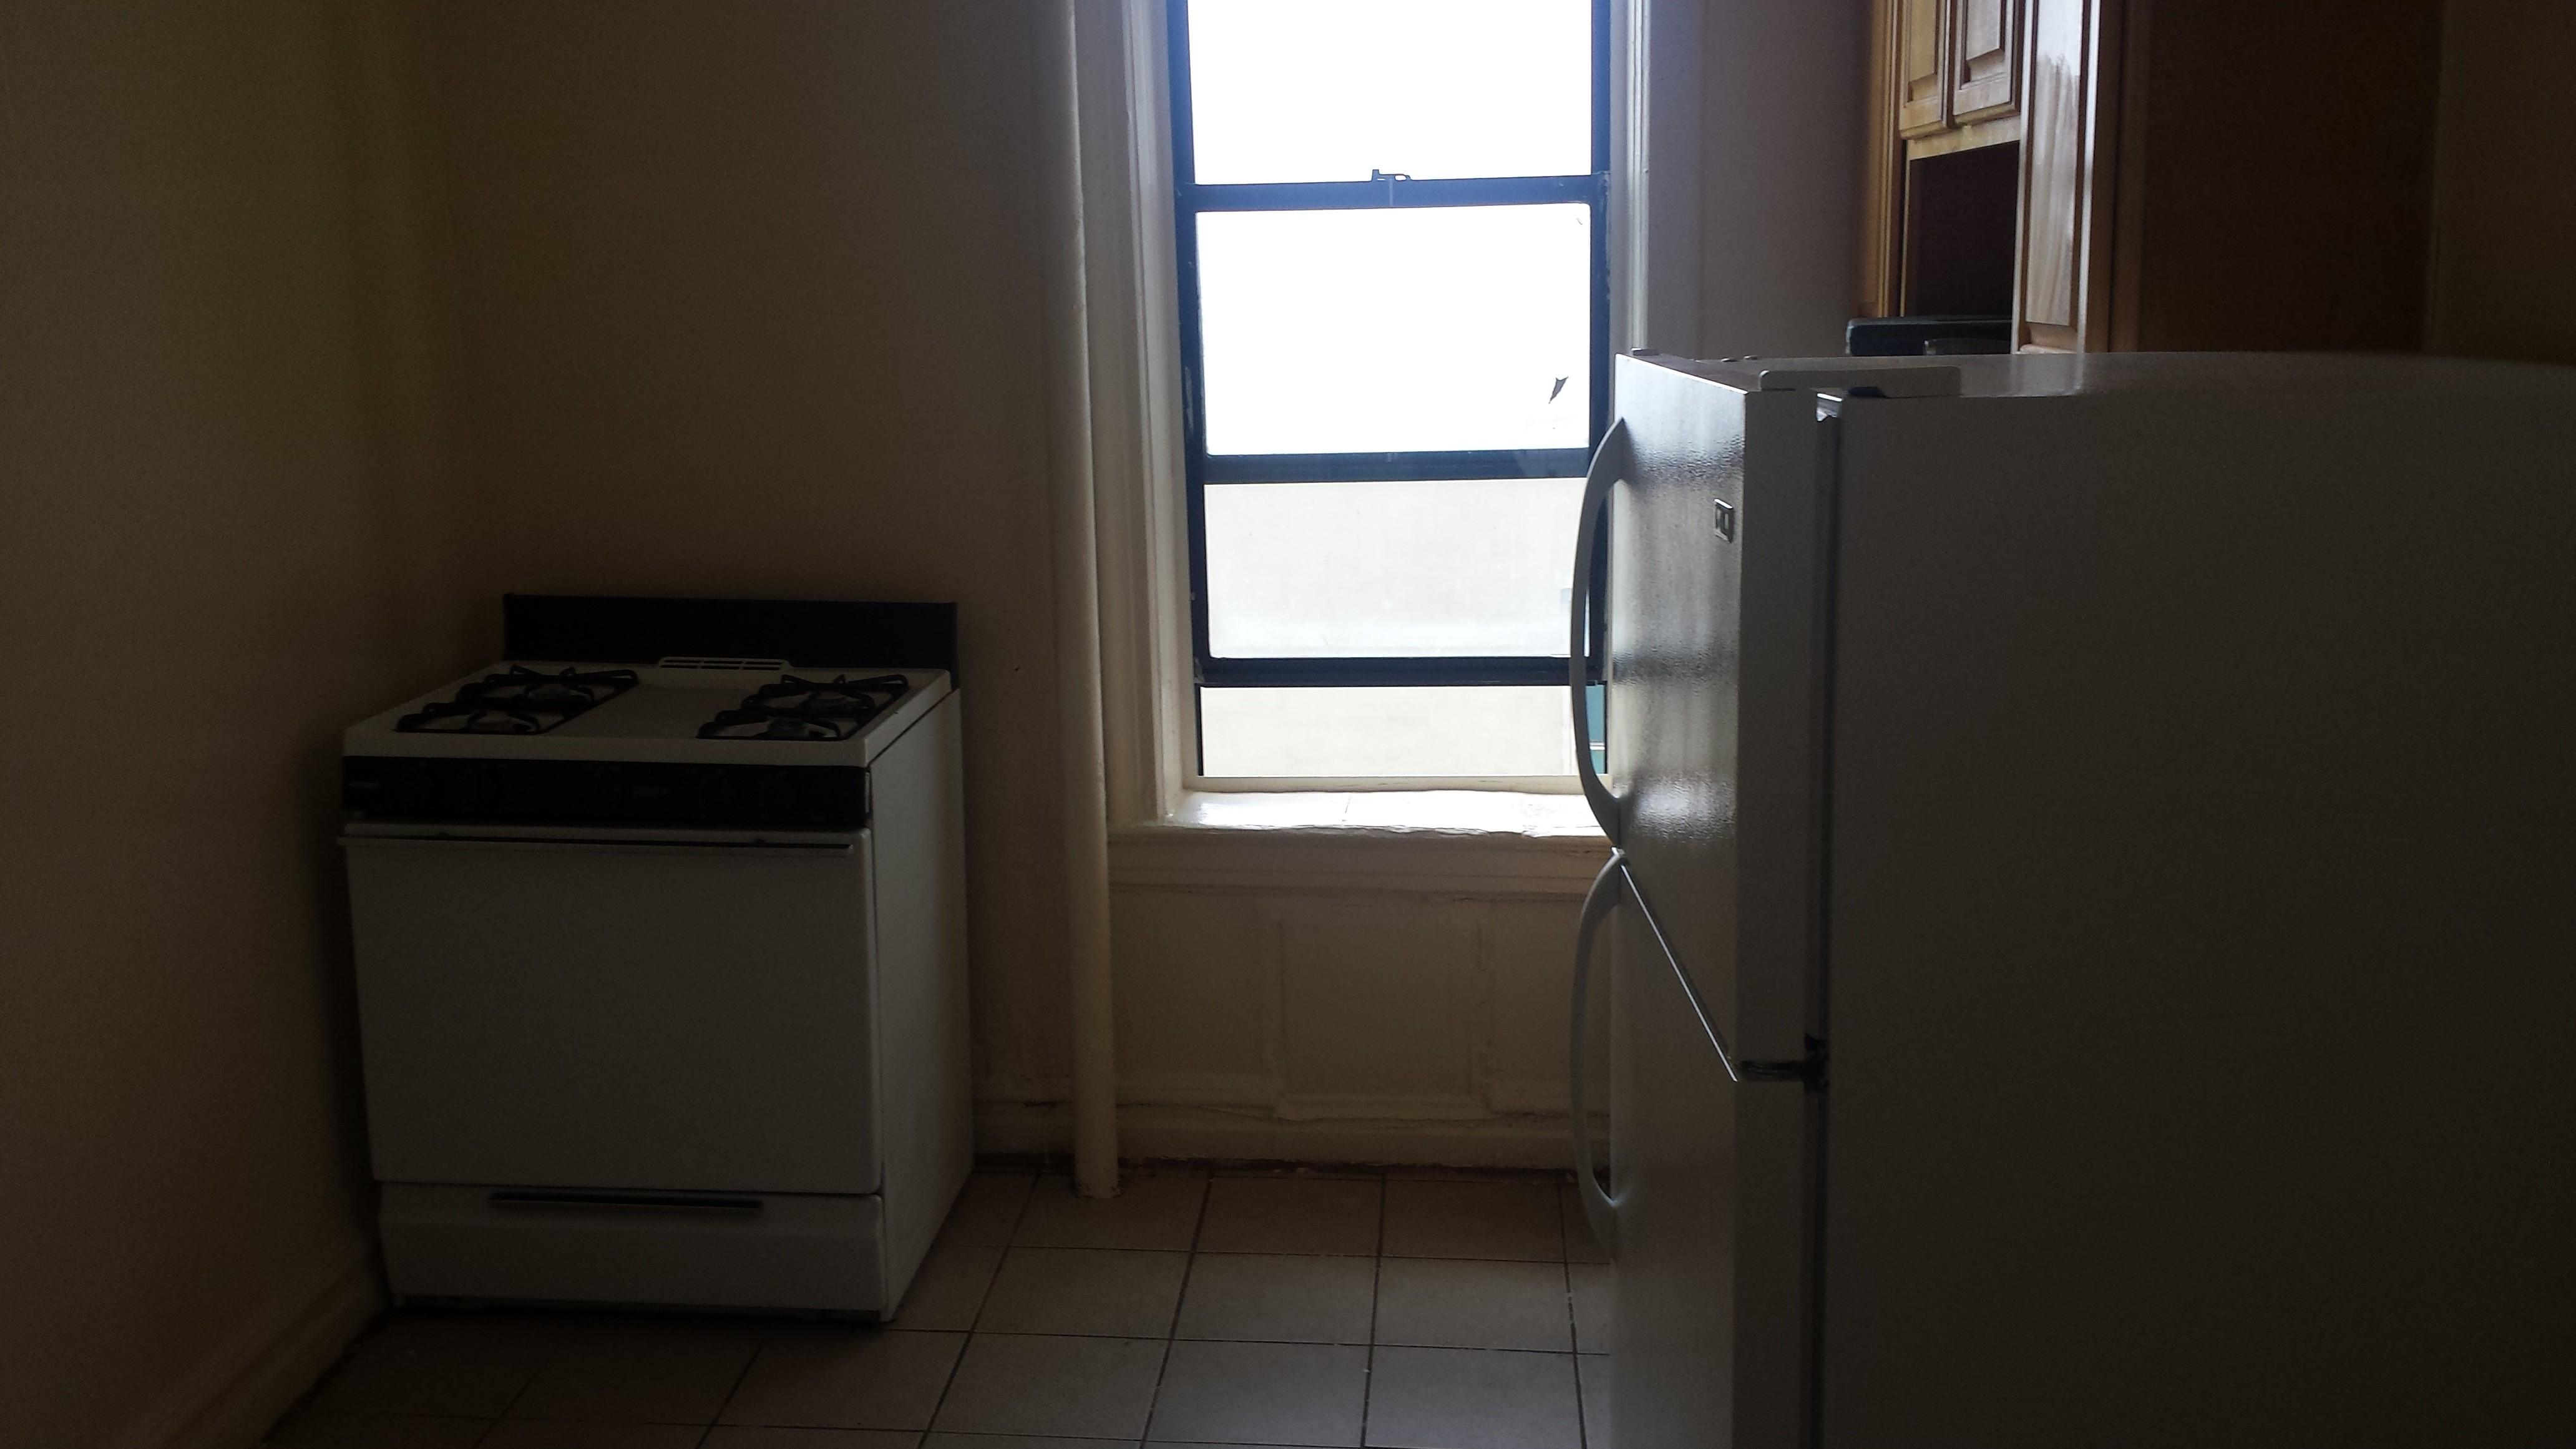 Church Ave East 55th St Brooklyn Ny 11203 Us 3c New York Ny 11203 1 Bedroom Apartment